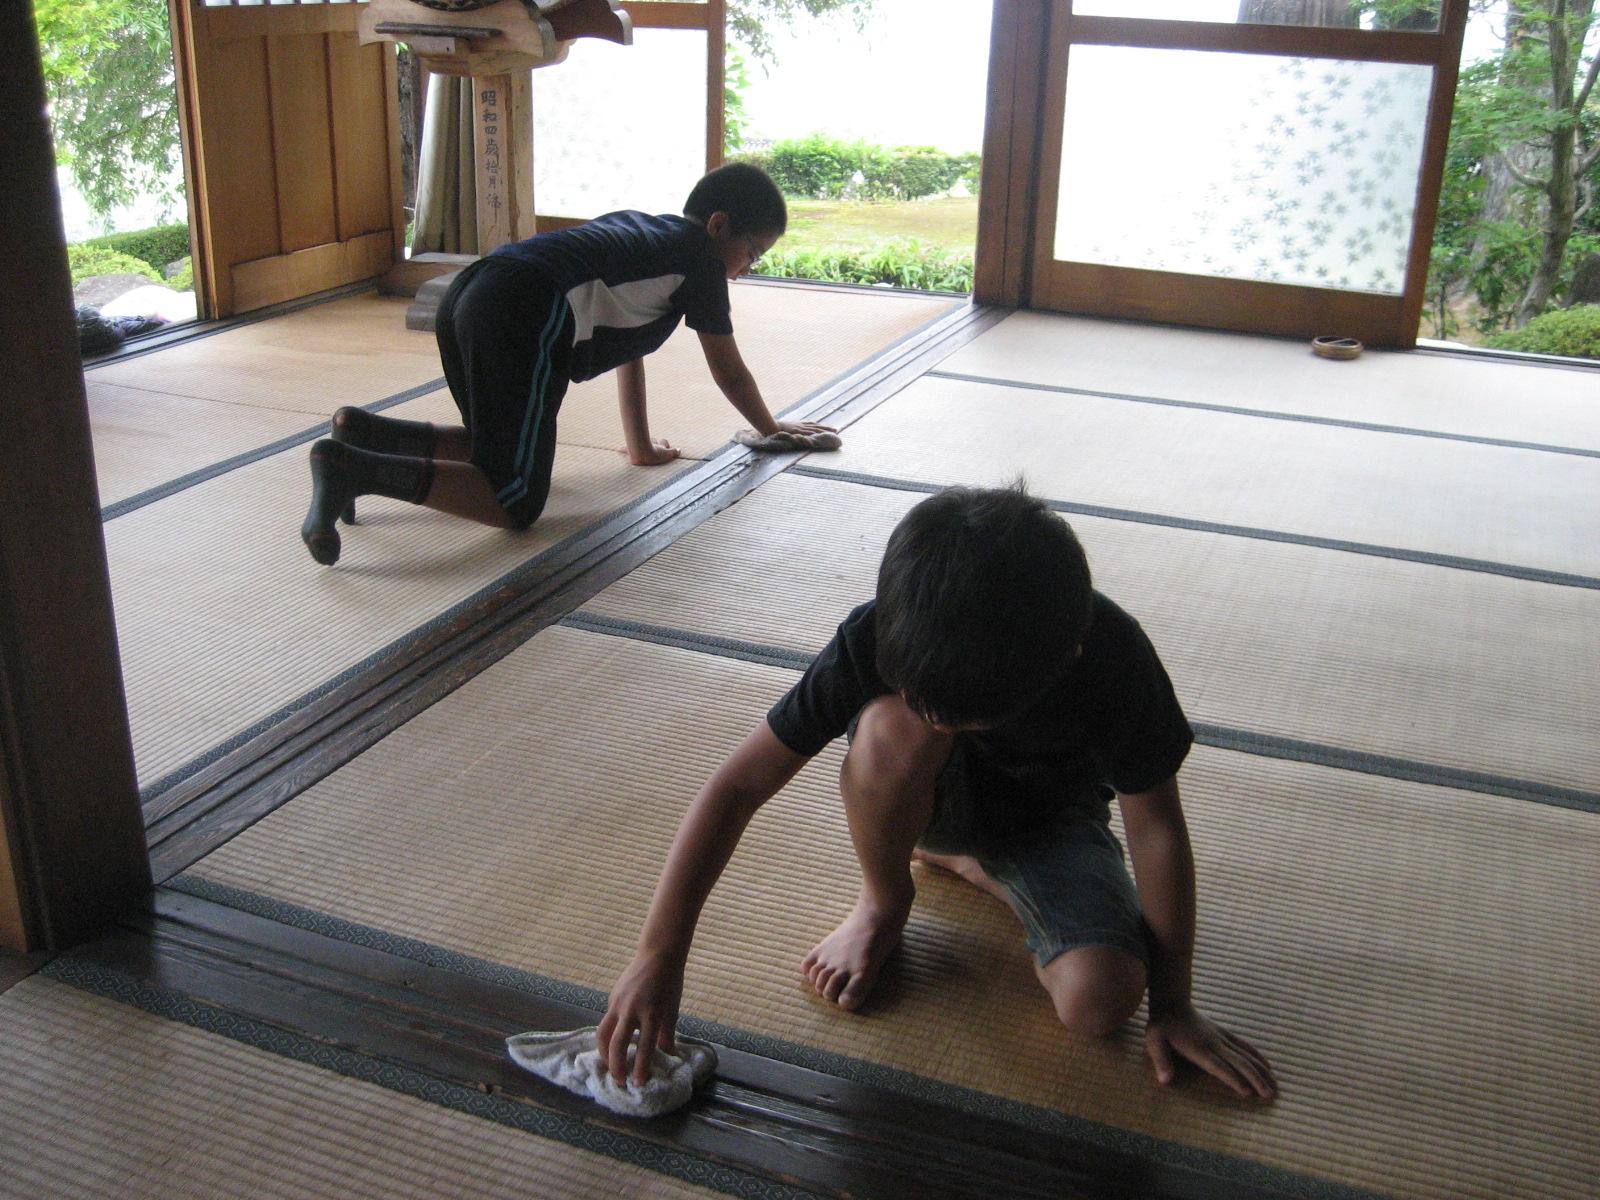 学校で子どもが掃除するのは当たり前ではない-世界の教育をリードする日本の学校清掃